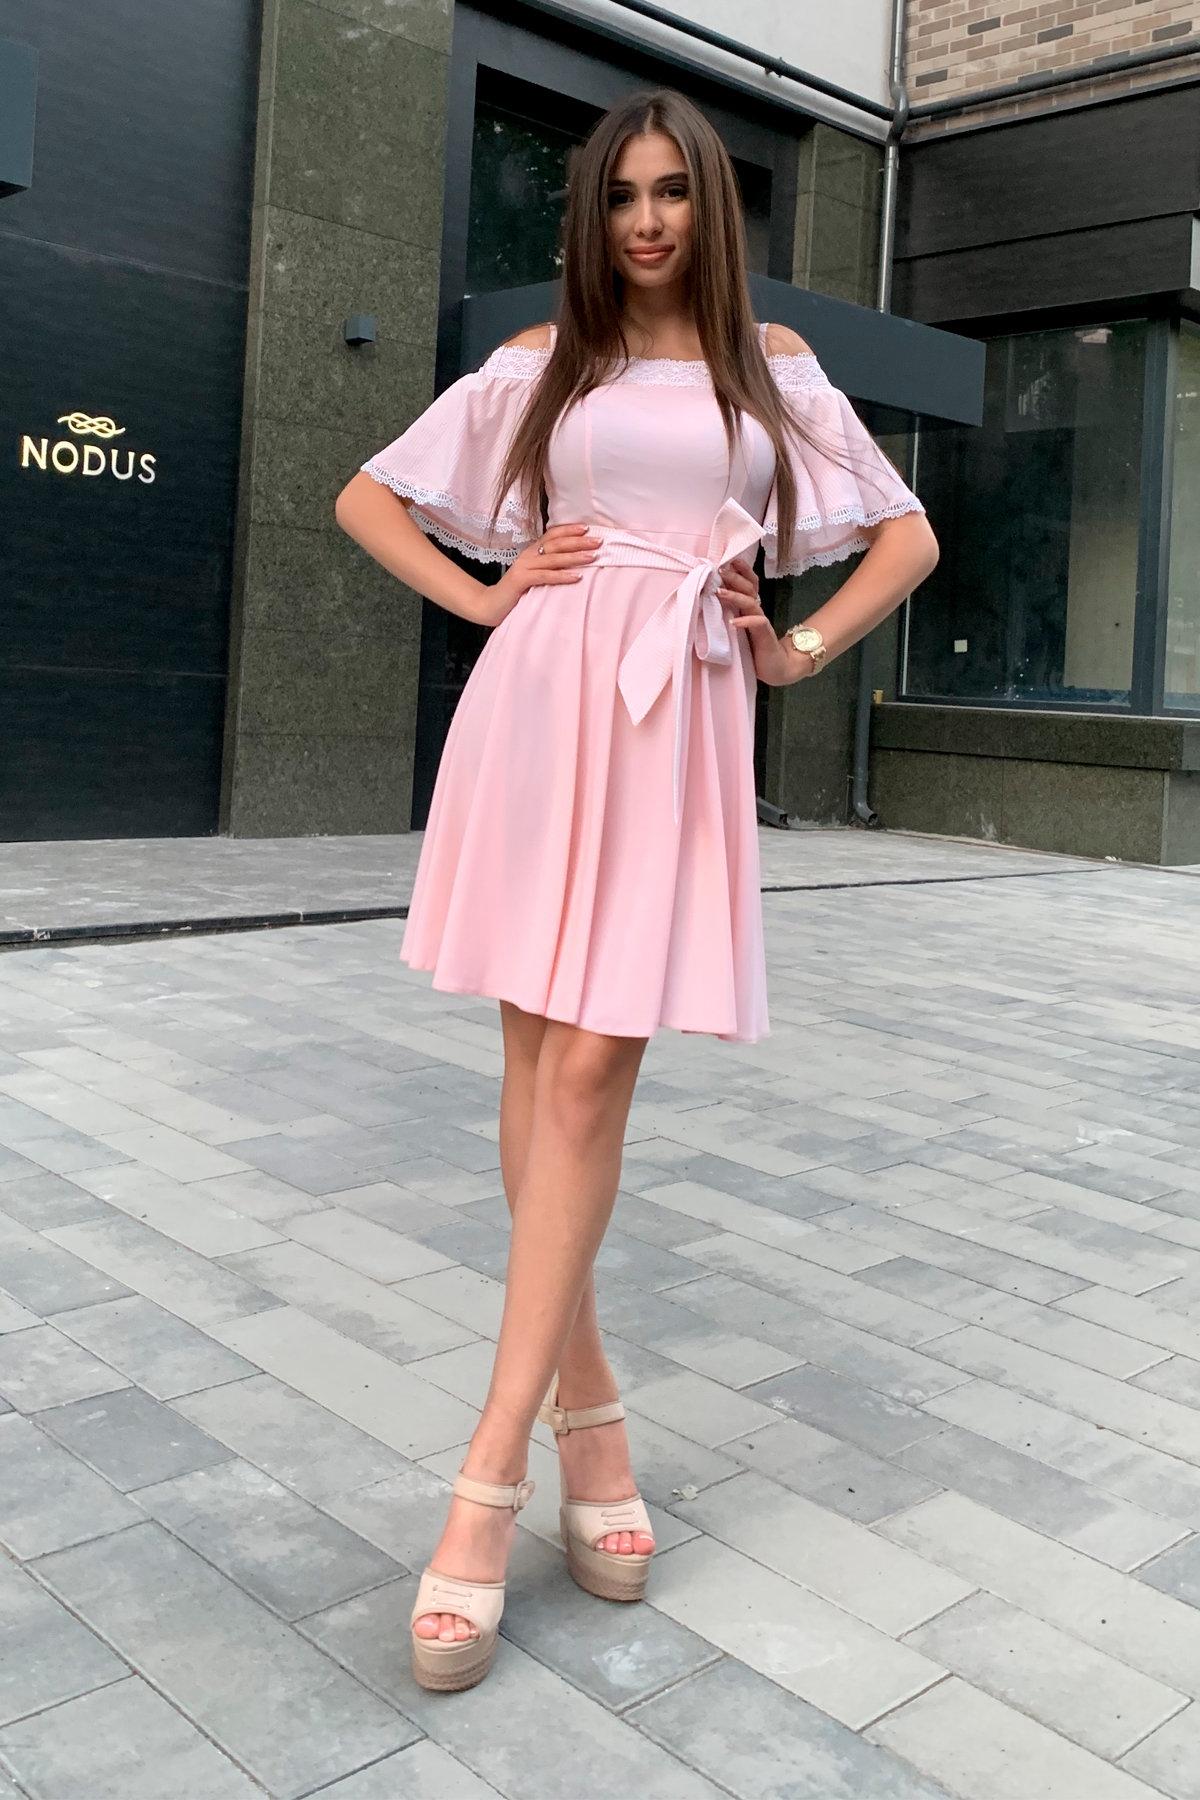 Платье Виолетта 4984 АРТ. 36124 Цвет: Пудра/молоко полоска 1 - фото 4, интернет магазин tm-modus.ru